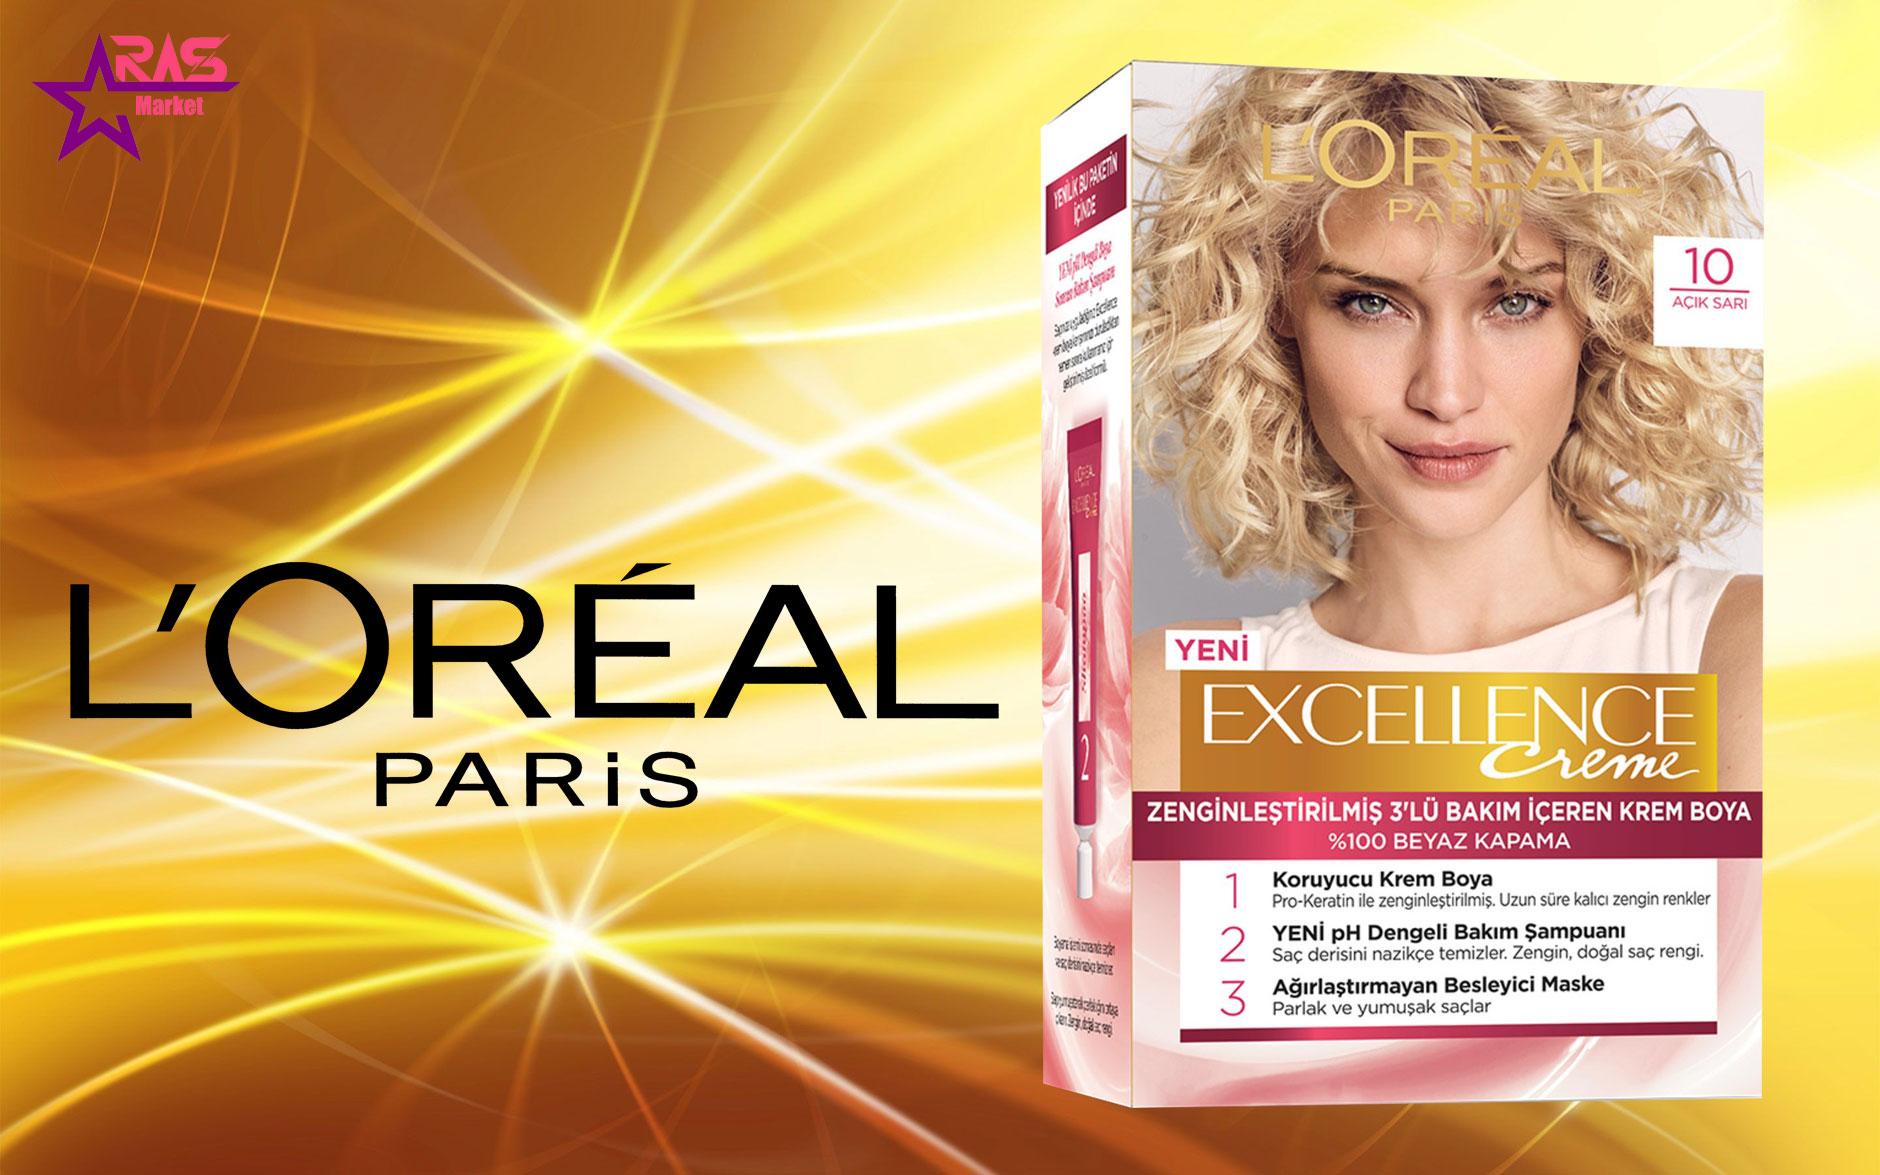 کیت رنگ مو لورآل سری Excellence شماره 10 ، خرید اینترنتی محصولات شوینده و بهداشتی ، بهداشت بانوان